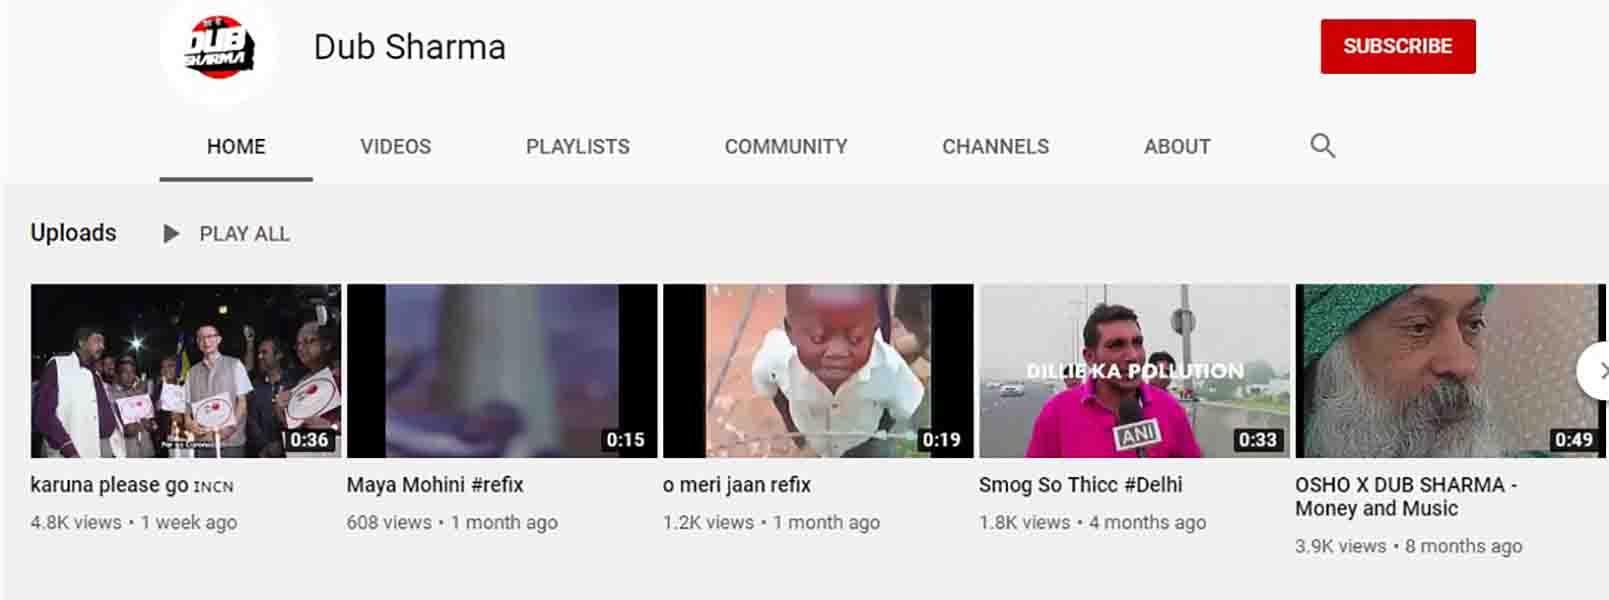 Dub Sharma Youtube Channel